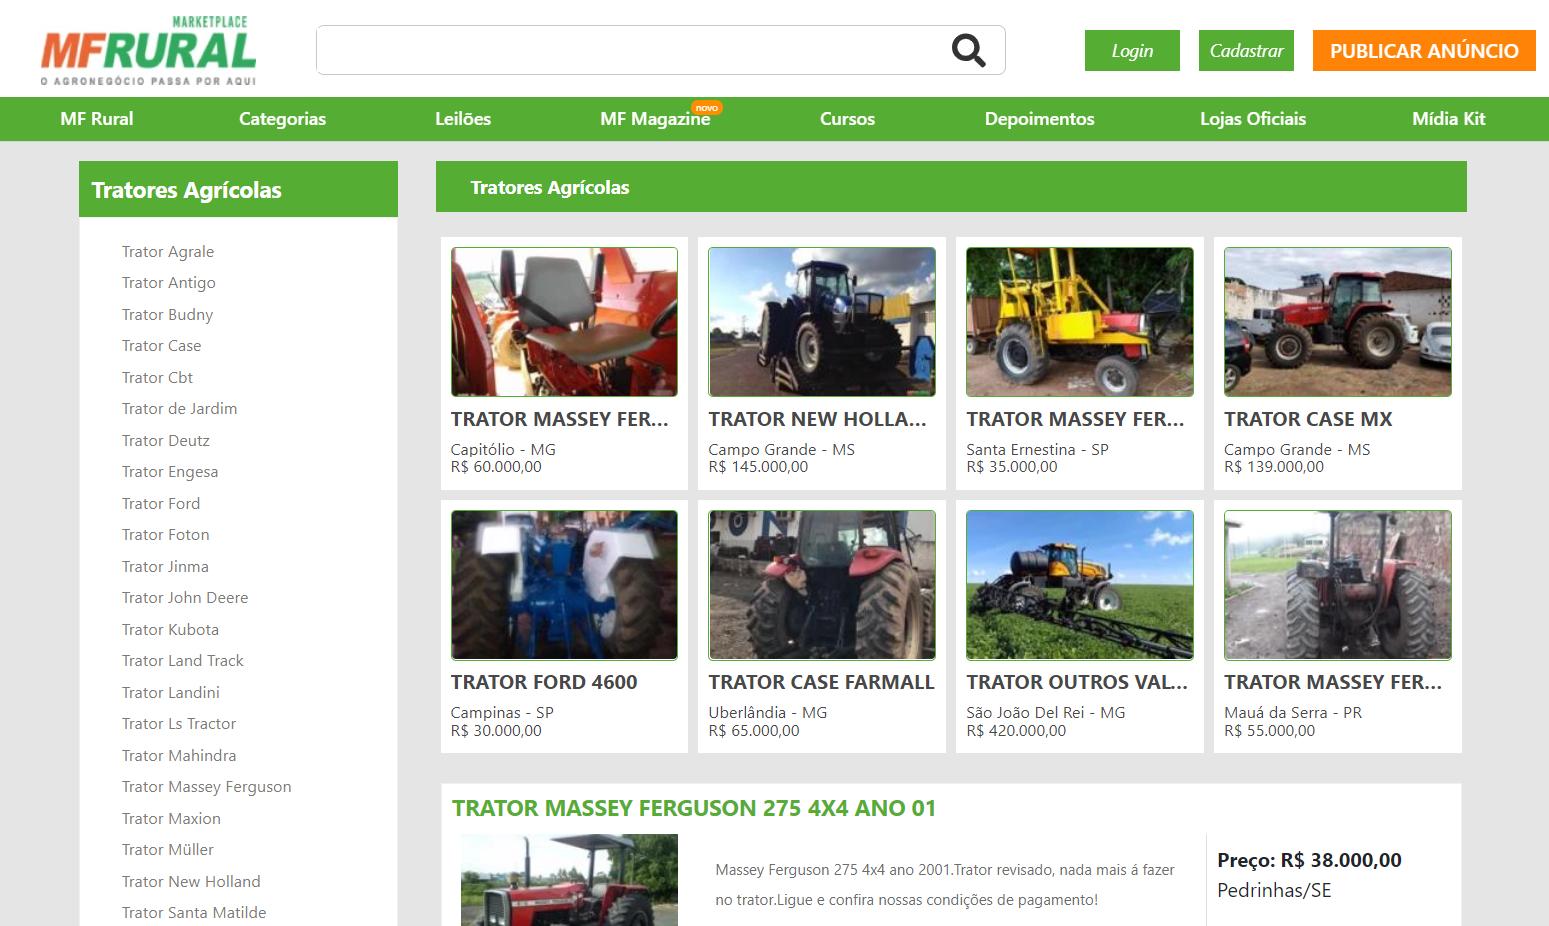 Print de tela do site MF Rural na seção de tratores usados